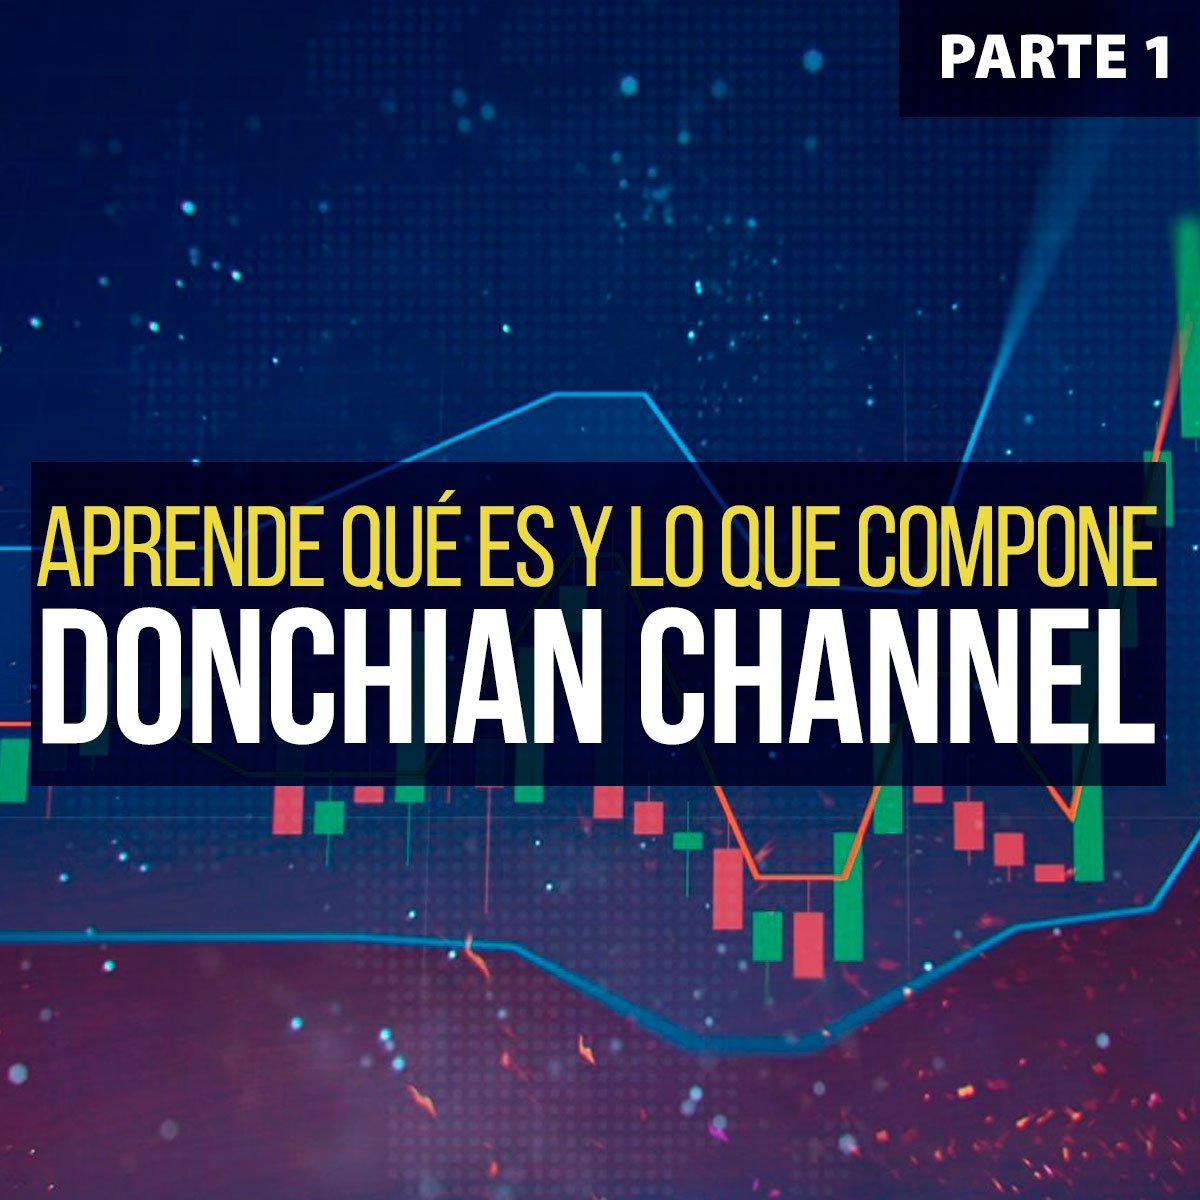 Donchian Channel aprende